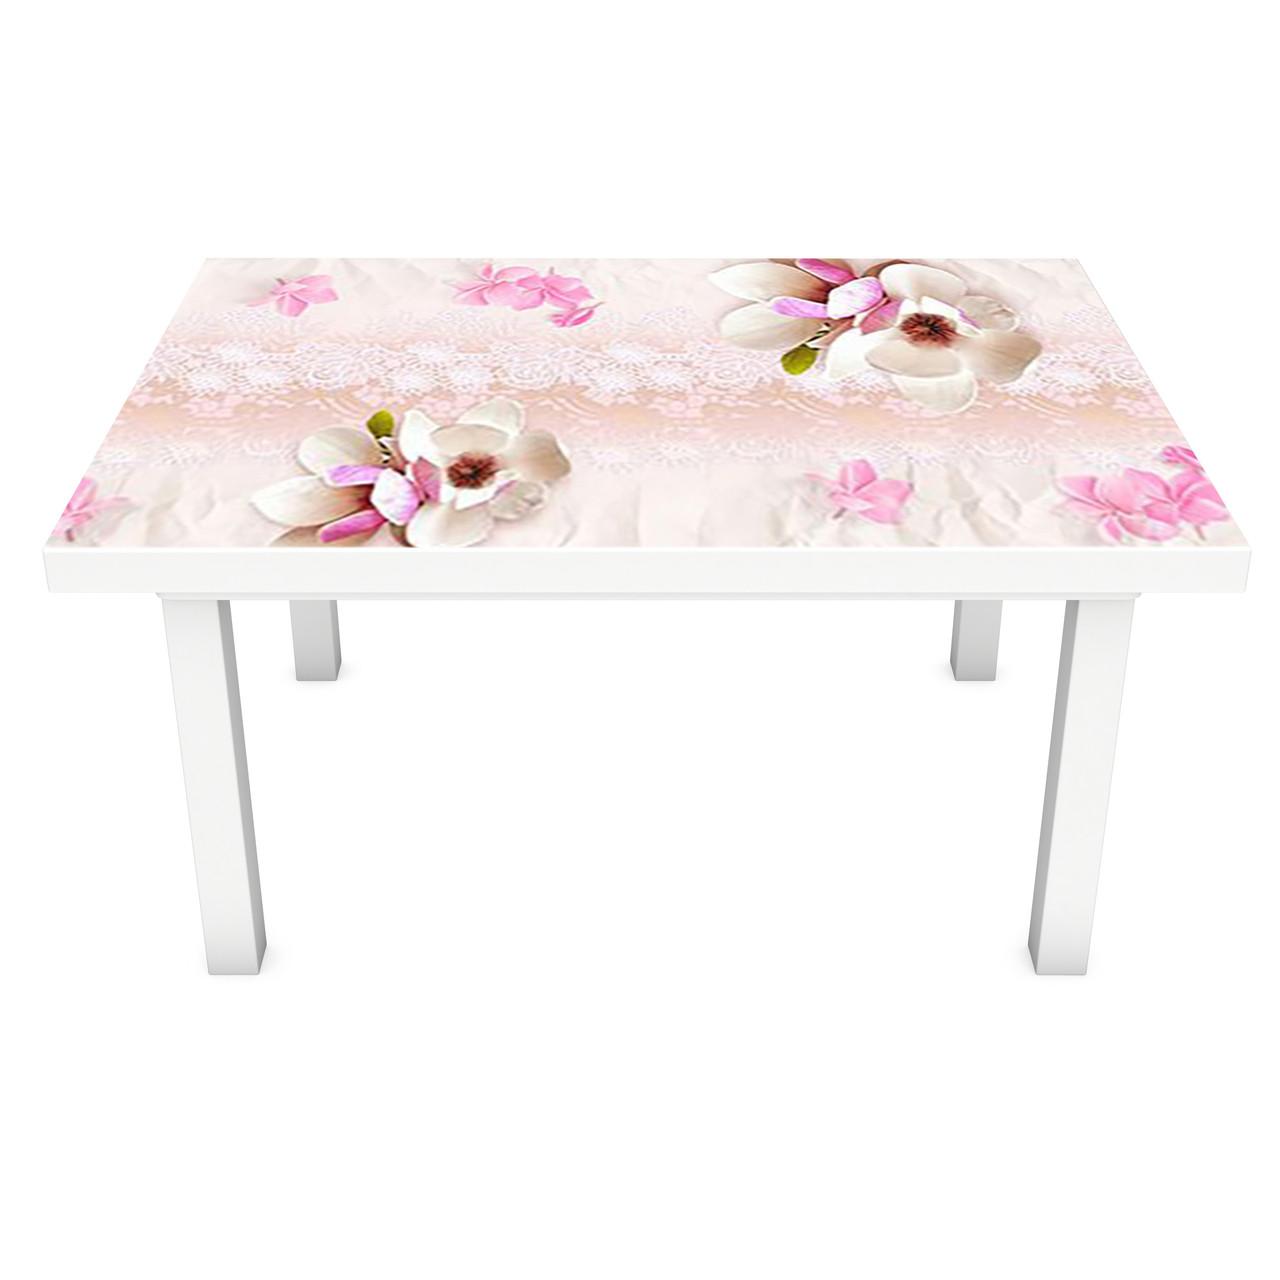 Наклейка на стол Магнолии Узор (3Д виниловая пленка 3Д) орнамент Цветы Розовый 600*1200 мм